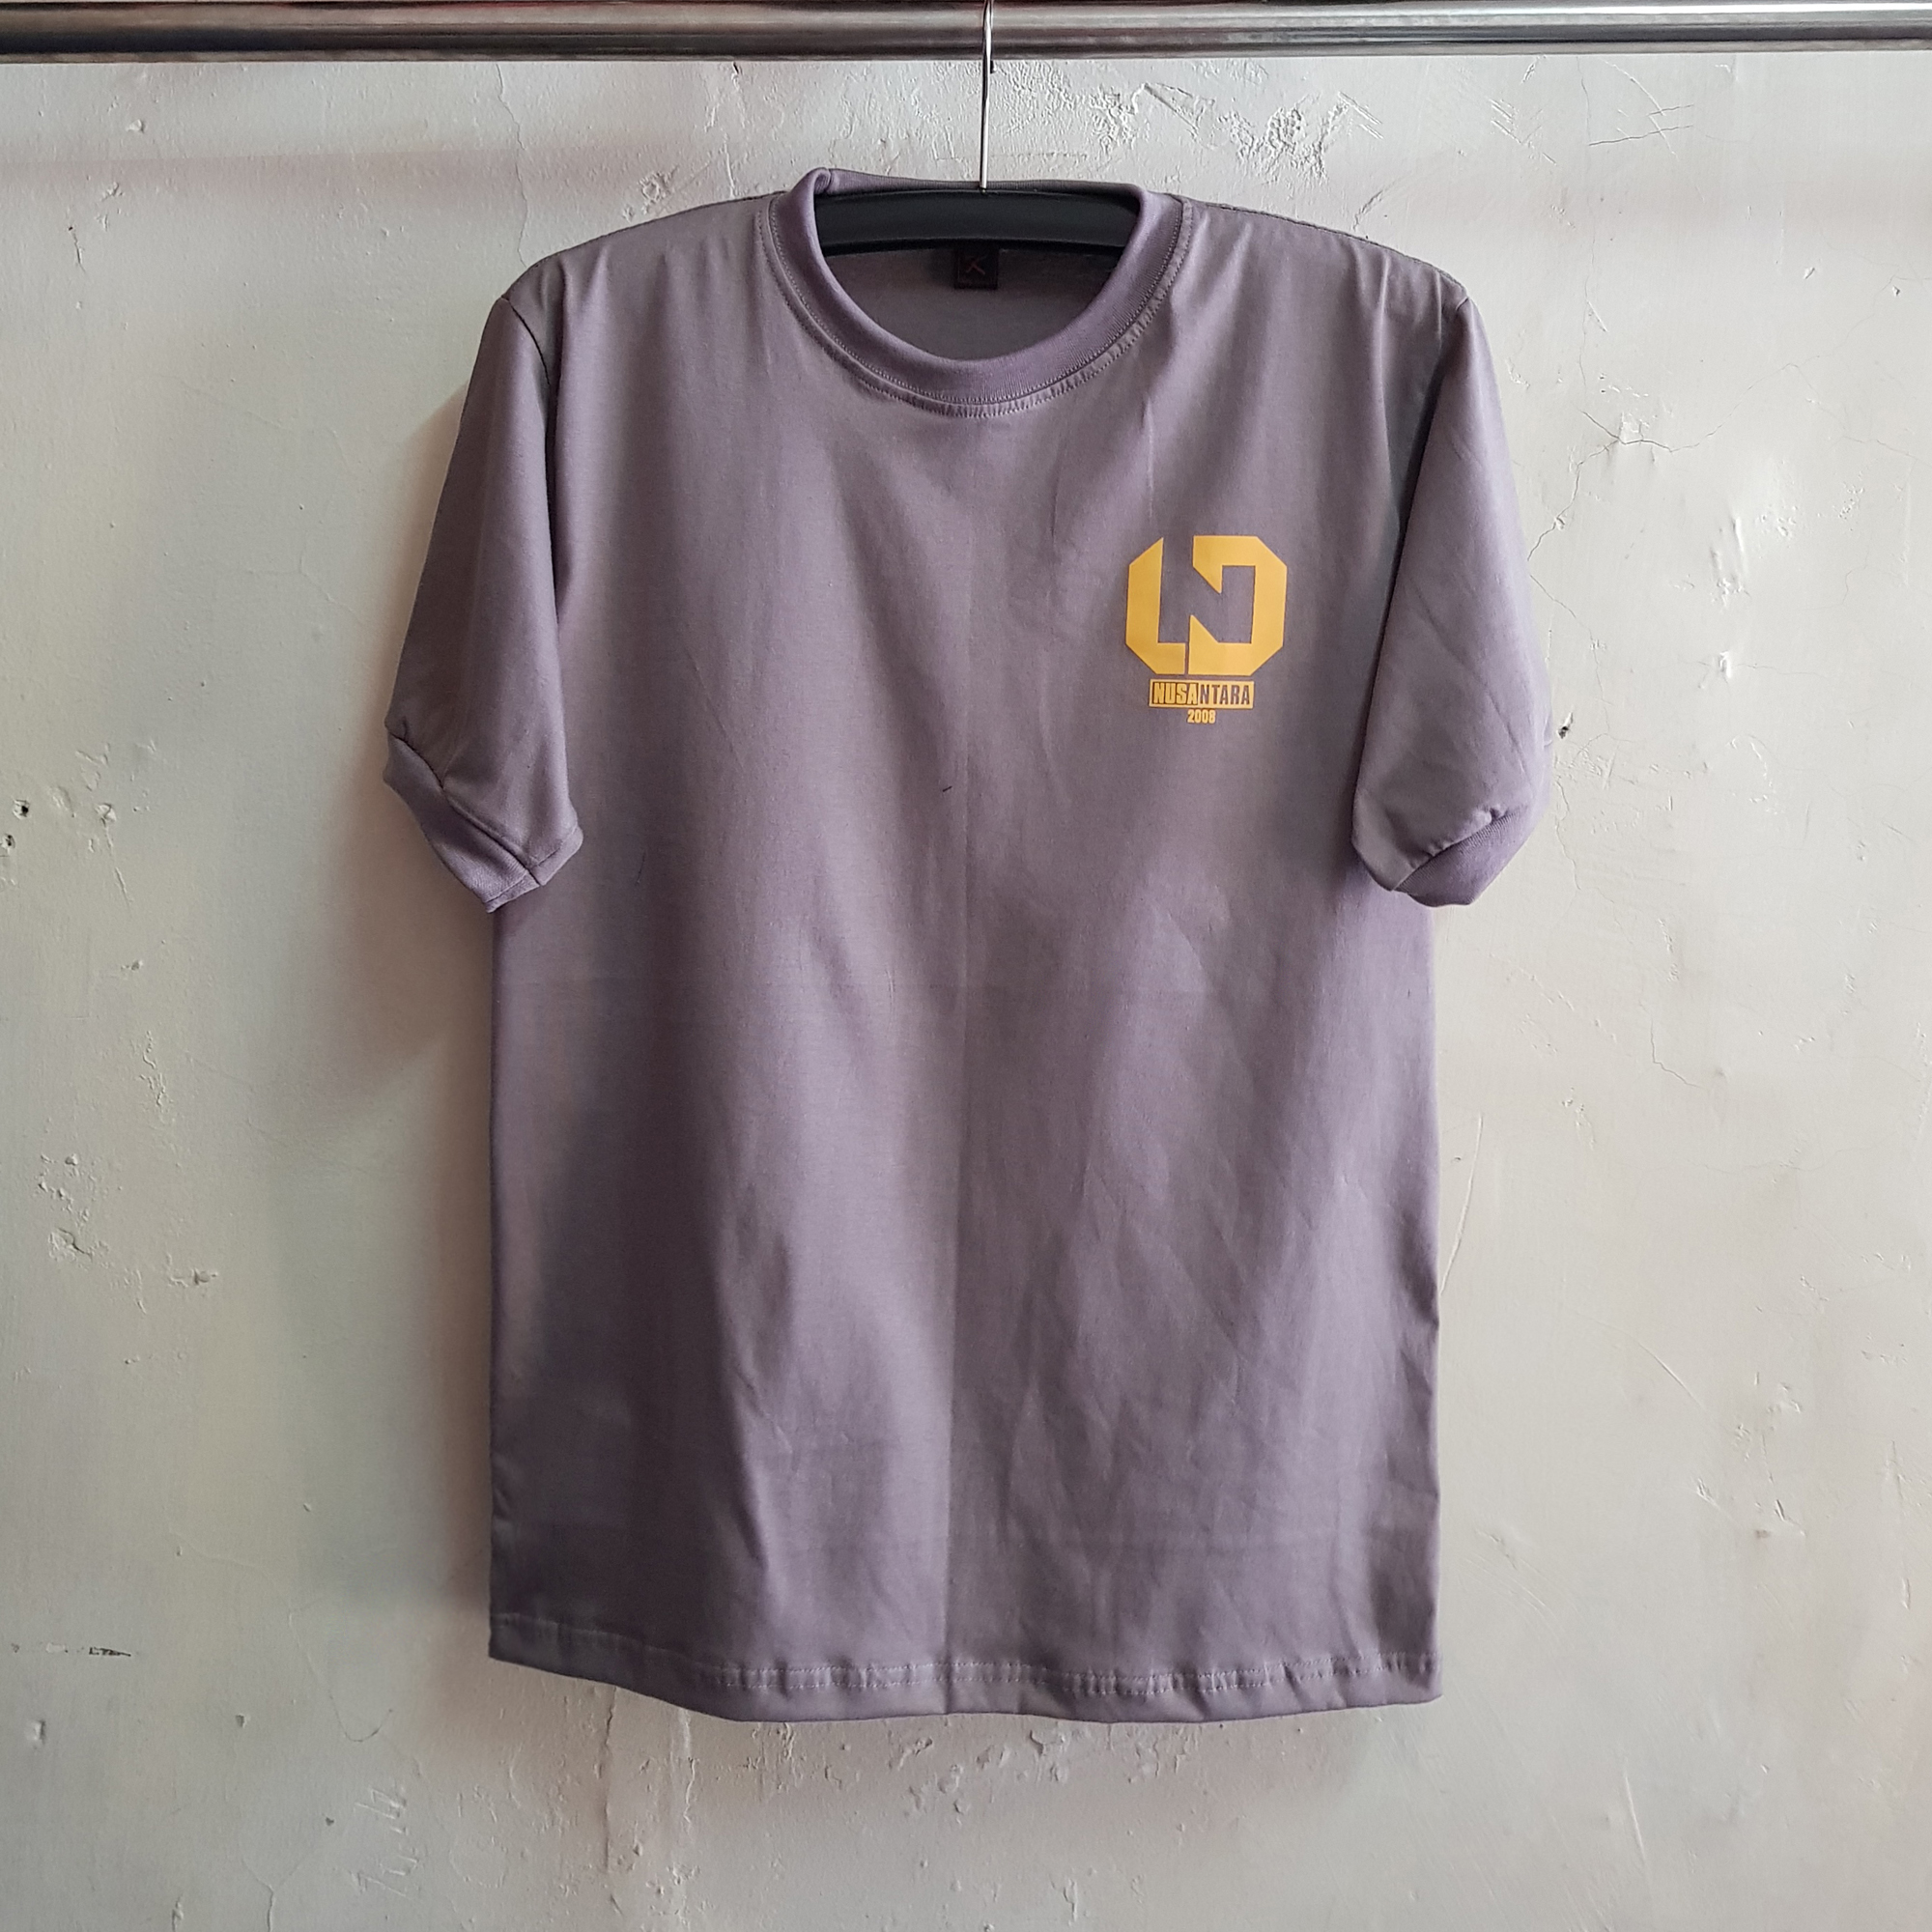 Kaos ID Nusantara, Seragam Kaos Oblong